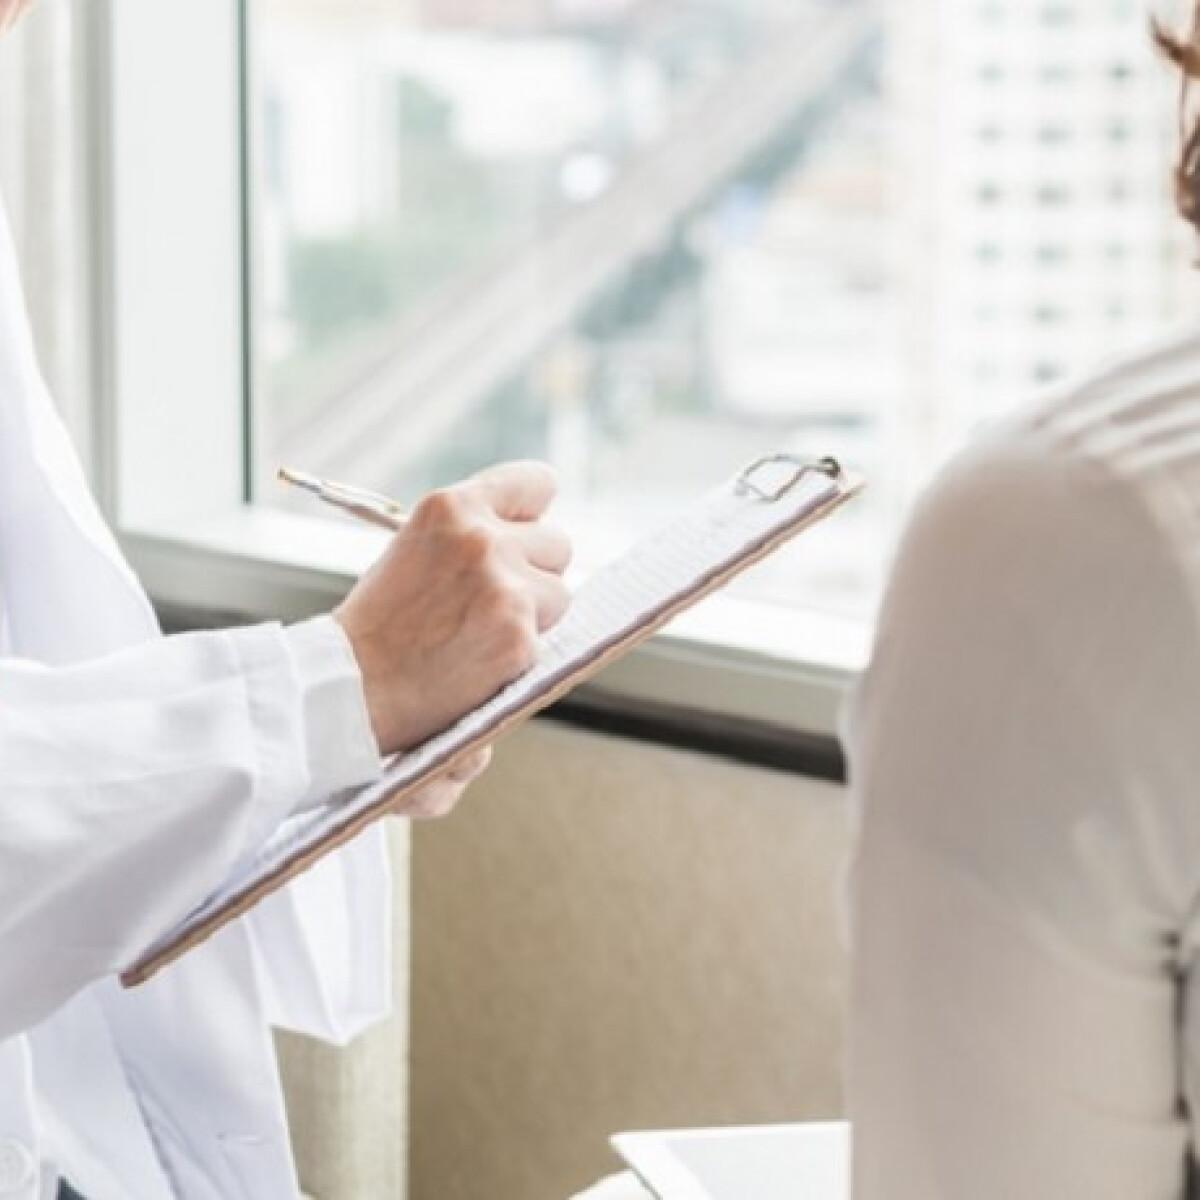 Mikor vegyünk részt nőgyógyászati szűrésen, és mire figyeljünk az orvosnál?